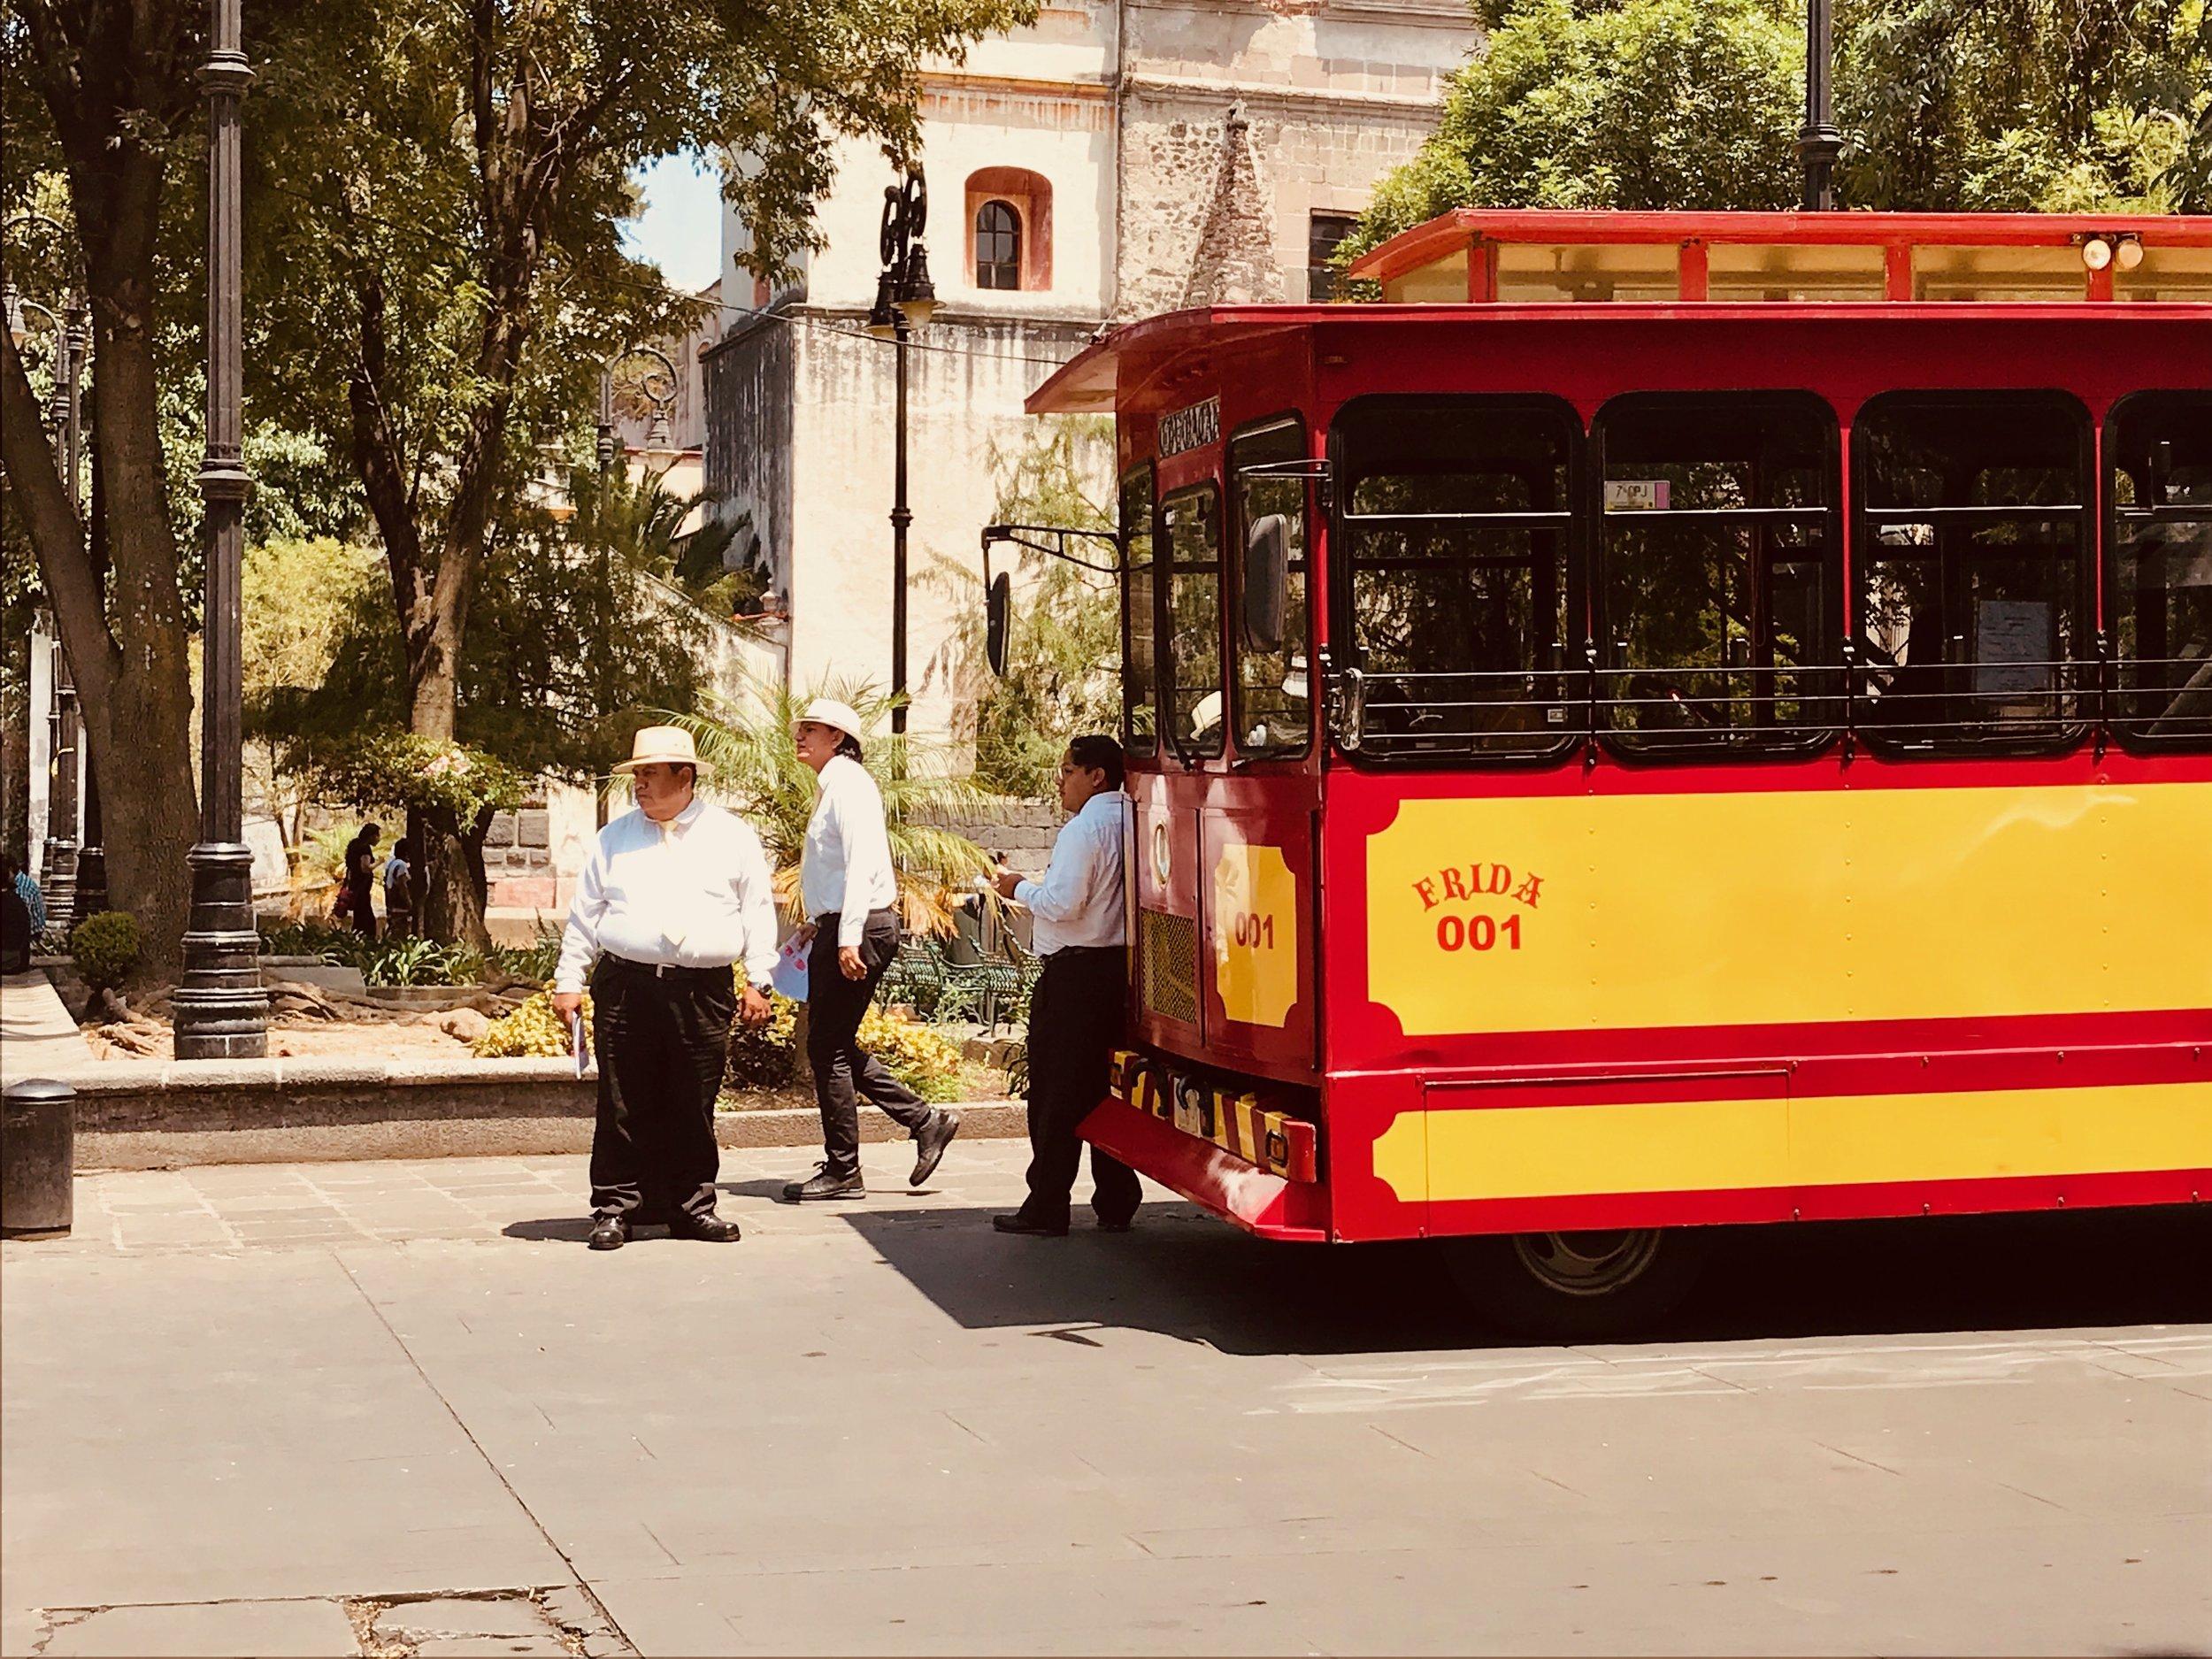 Coyoacán - ('lugar de los coyotes' o 'lugar de manantiales') es uno de los barrios más pintorescos y coloridos de la Ciudad de Mexico. Fue aquí donde Hernán Cortés se instaló durante la conquista, donde Luis Buñuel filmó una escena de 'La Ilusión Viaja en Tranvía' y es también en este barrio donde Frida Kahlo nació y murió. Lleno de plazas, jardines, cafés y rincones mágicos, es un barrio que siempre fue frecuentado por artistas, intelectuales y bohemios. Hoy en día es durante los fines de semana cuando se muestra más animado, ya que muchos mexicanos se acercan a Coyoacán para disfrutar de una nieve helada o unos churros. Es sin duda el barrio perfecto para pasear durante horas alguna mañana.